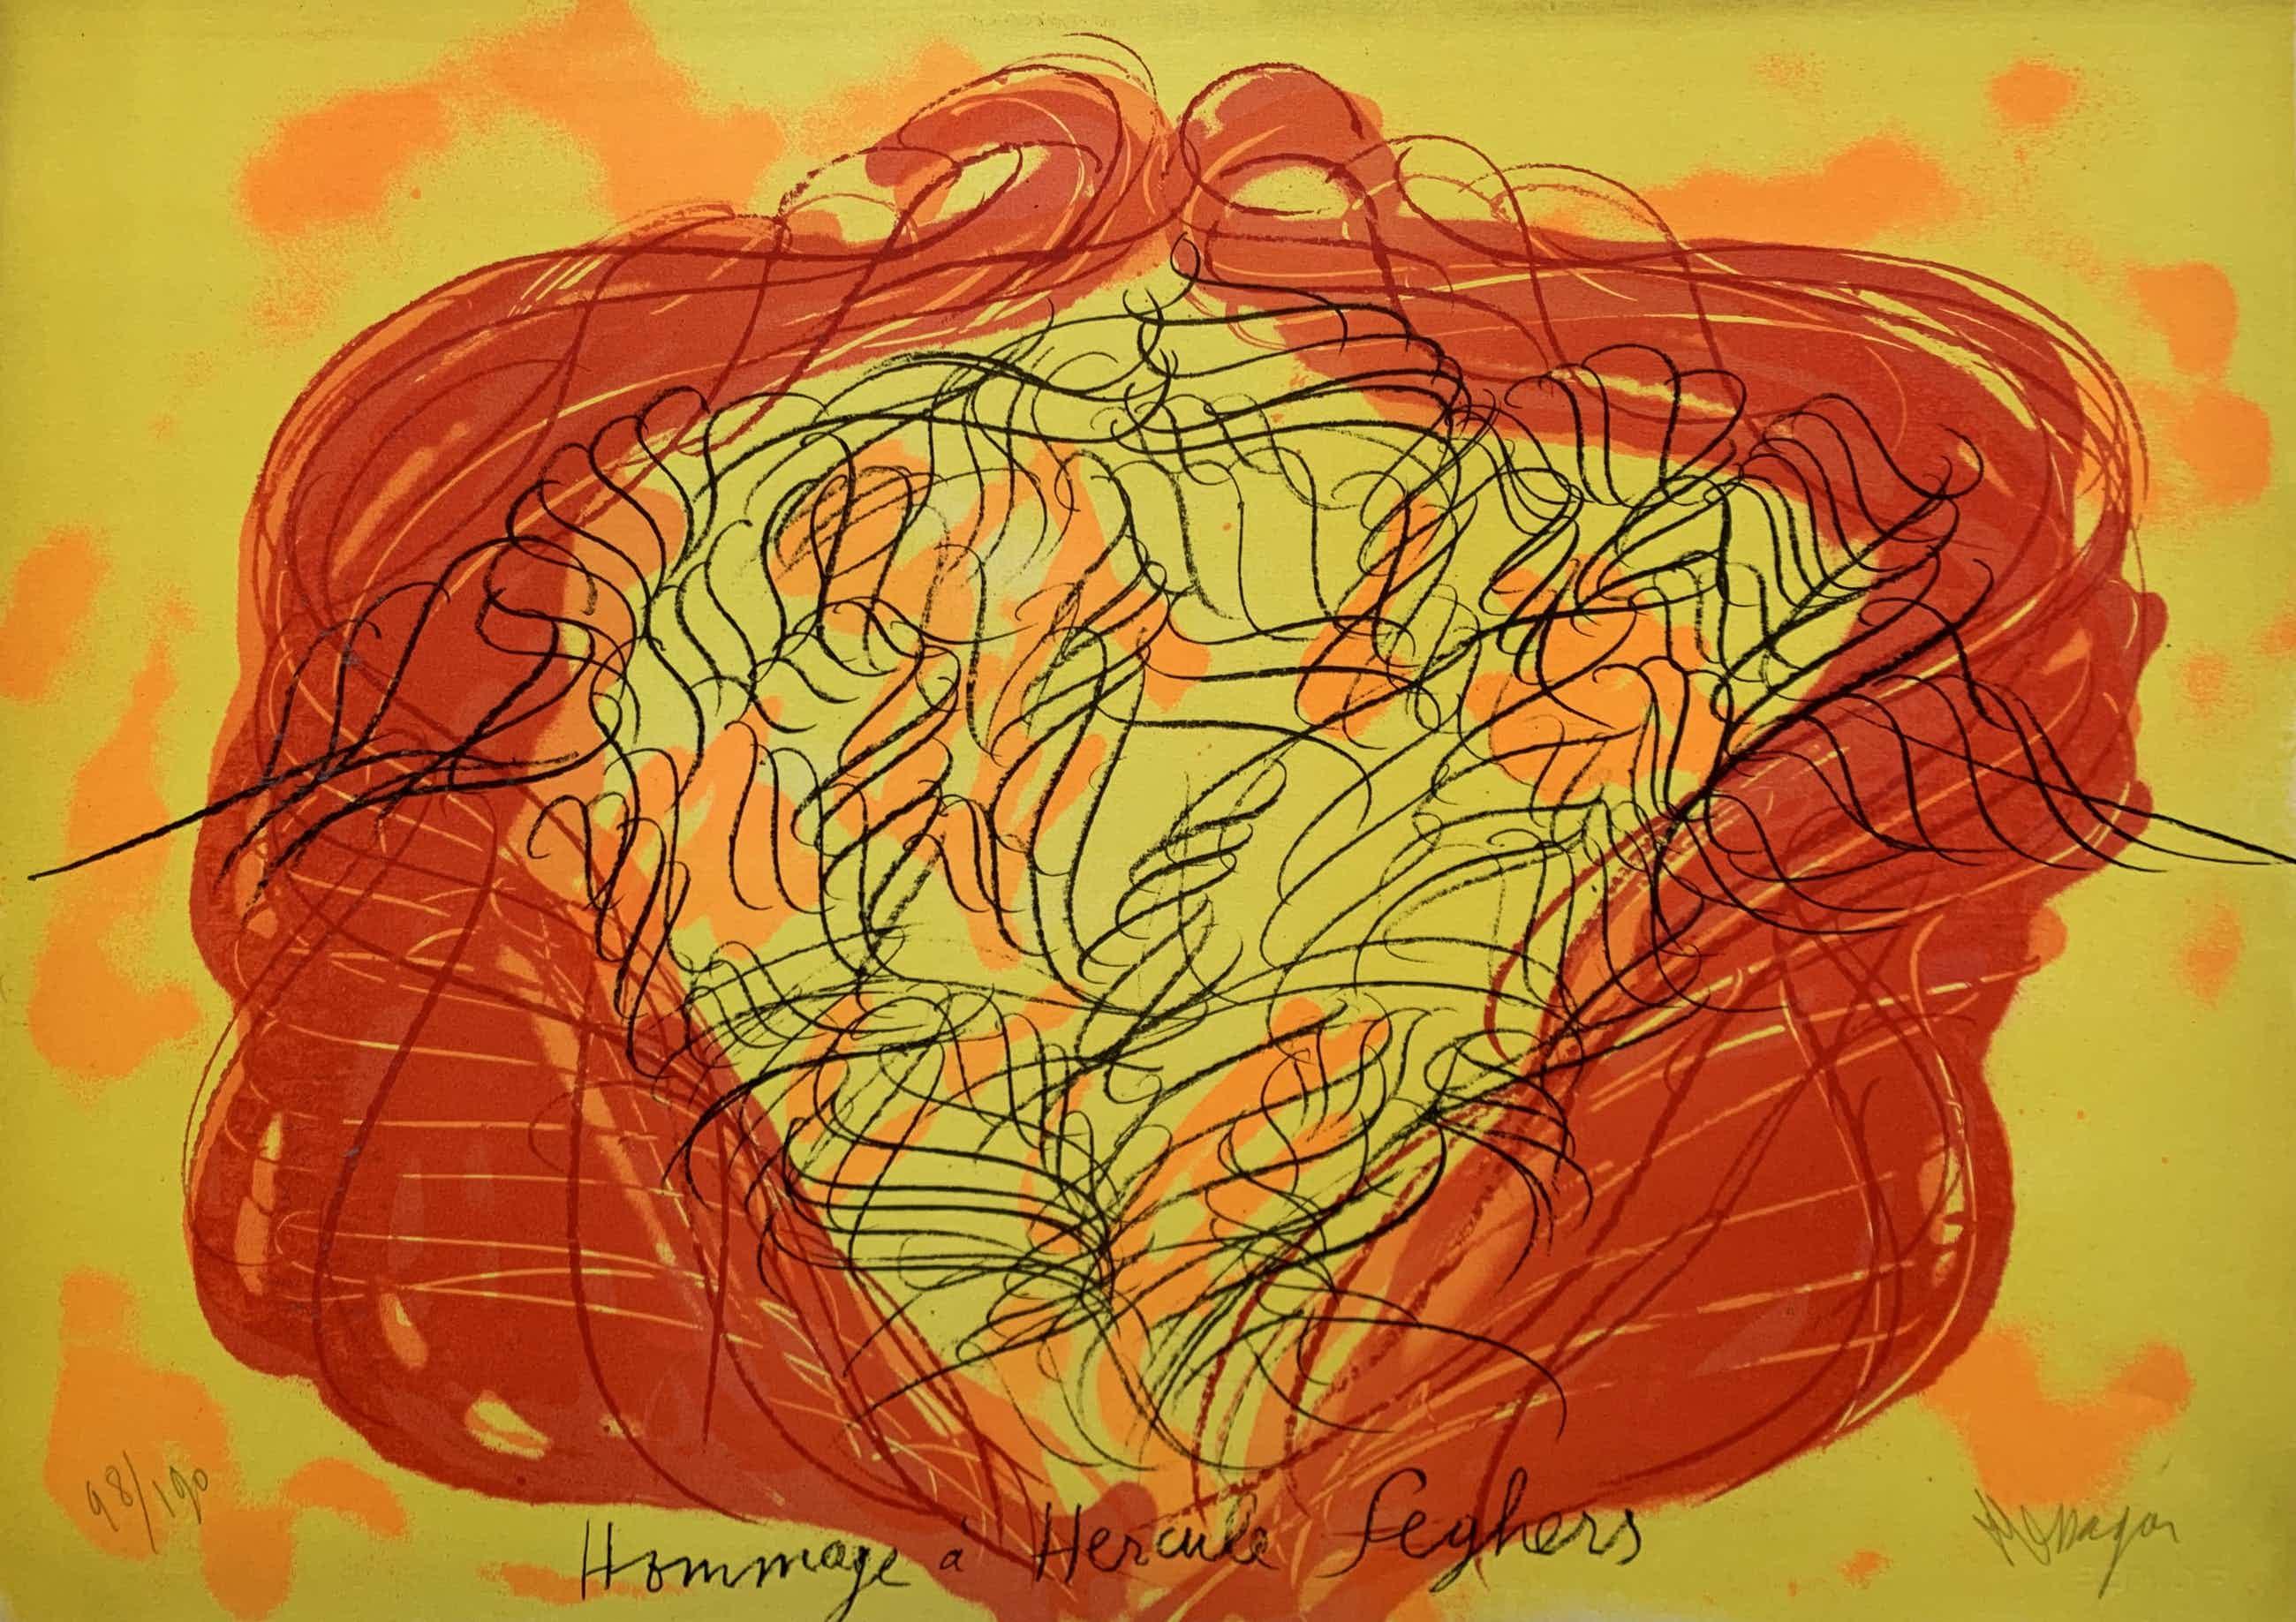 Jean Messagier - kleurenlitho in 5 kleuren - 'Hommage à Seghers' - 1979 (Prent 190) Serie 12B kopen? Bied vanaf 50!